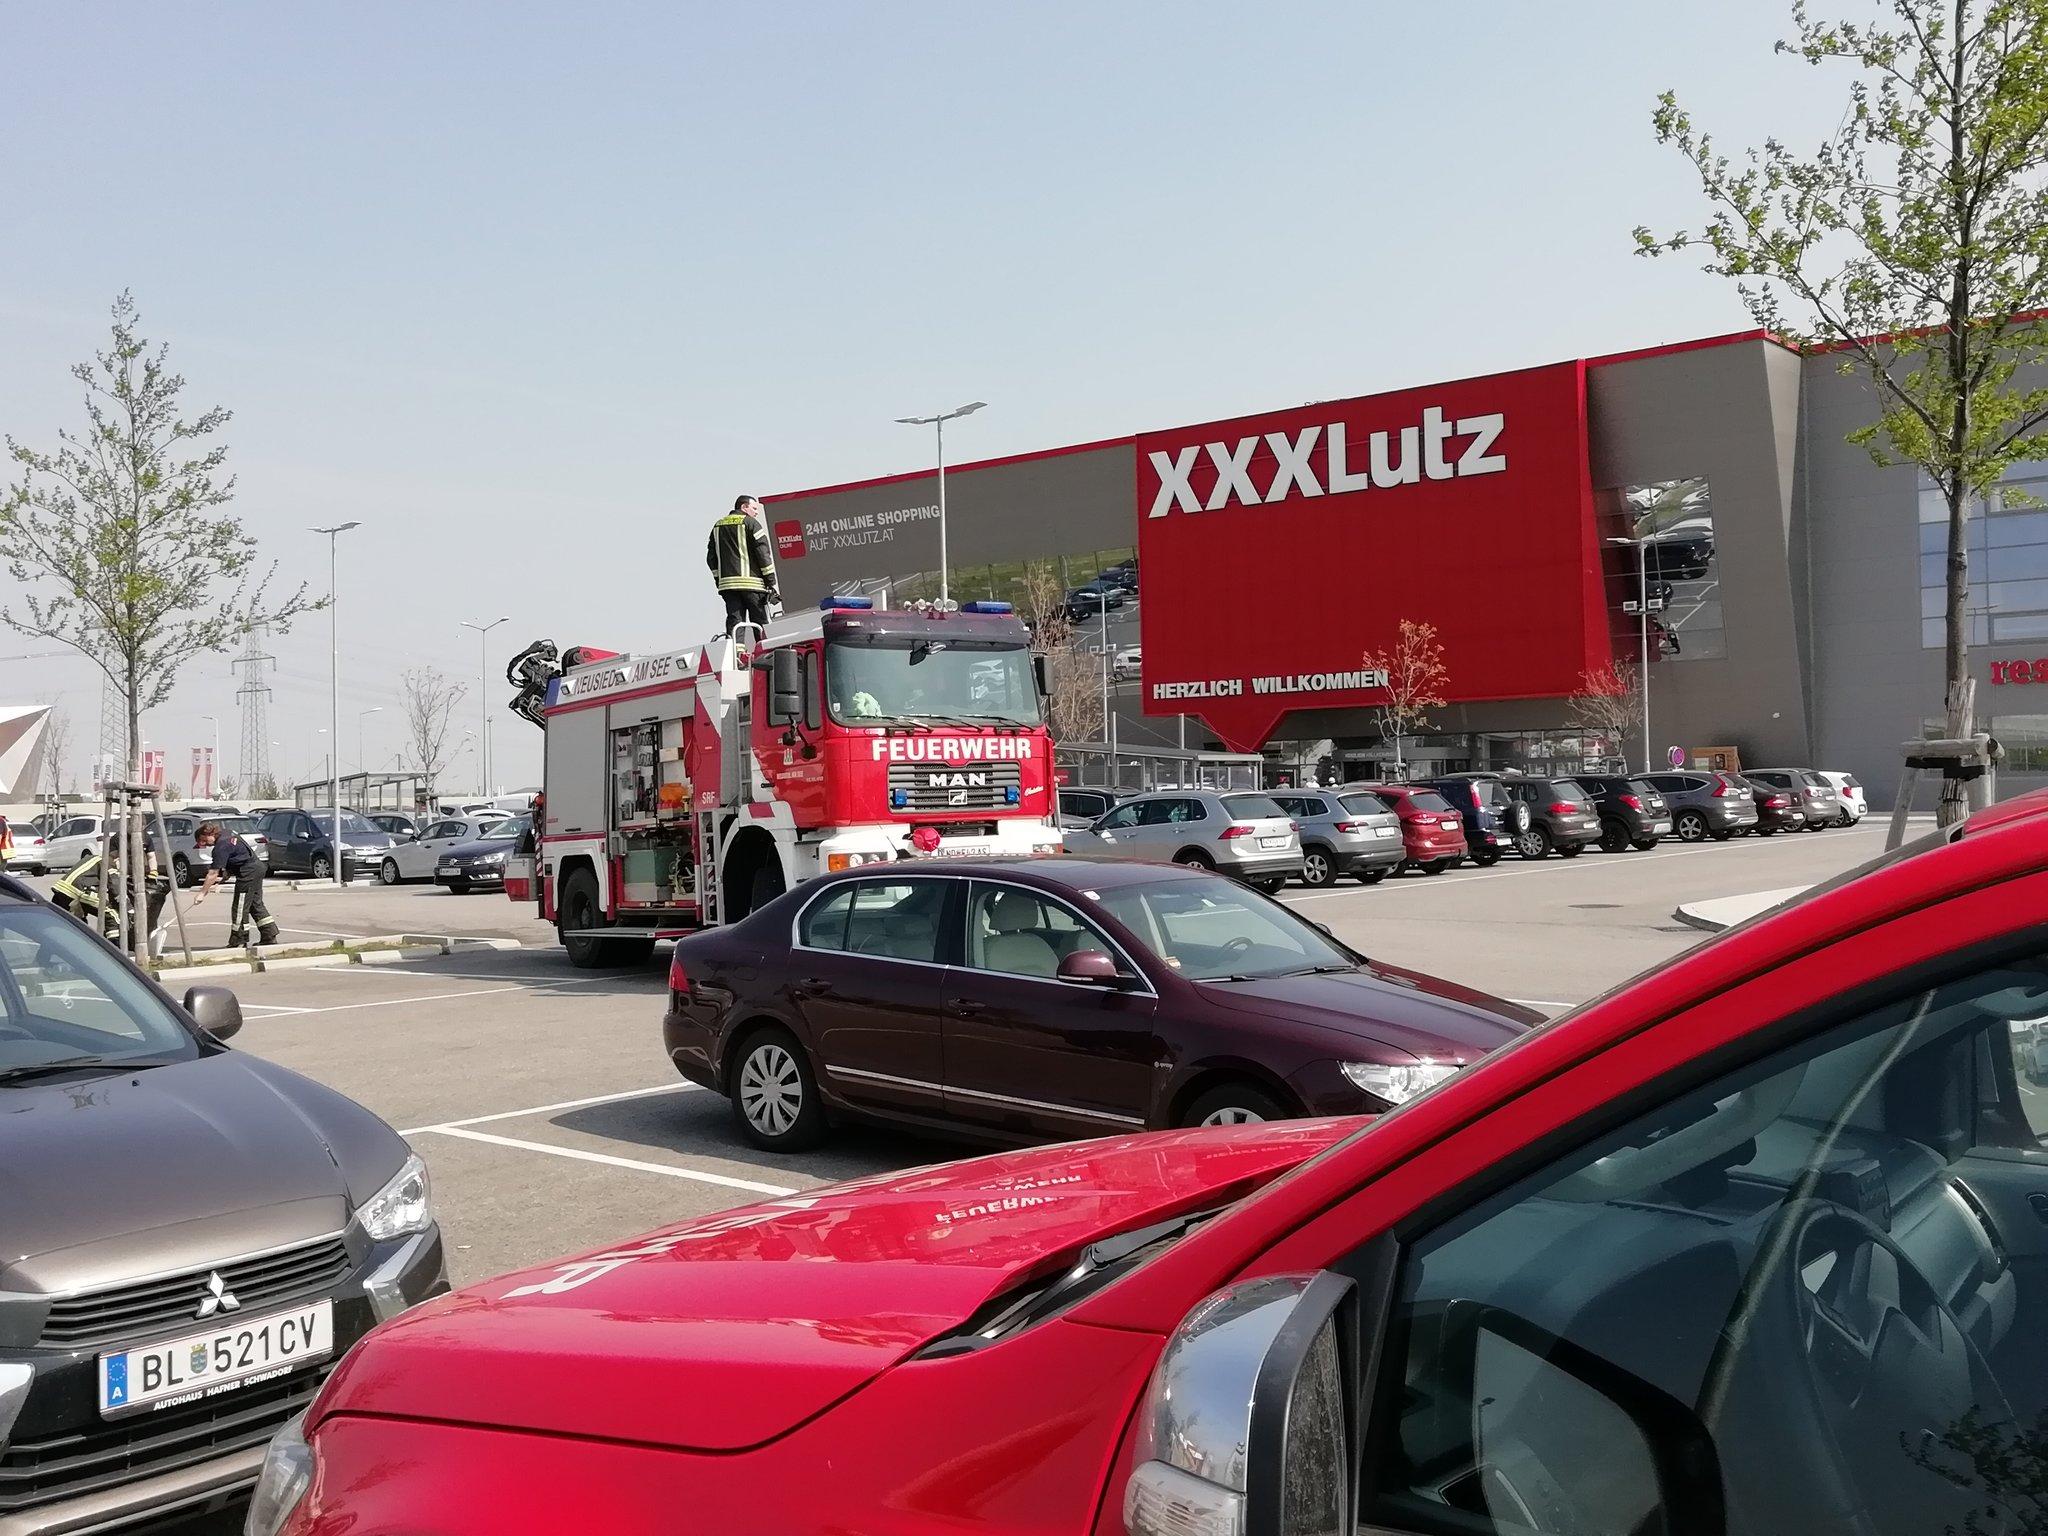 Parkplatzunfall Beim Xxxlutz Neusiedlsee Mehr Schaulustige Als